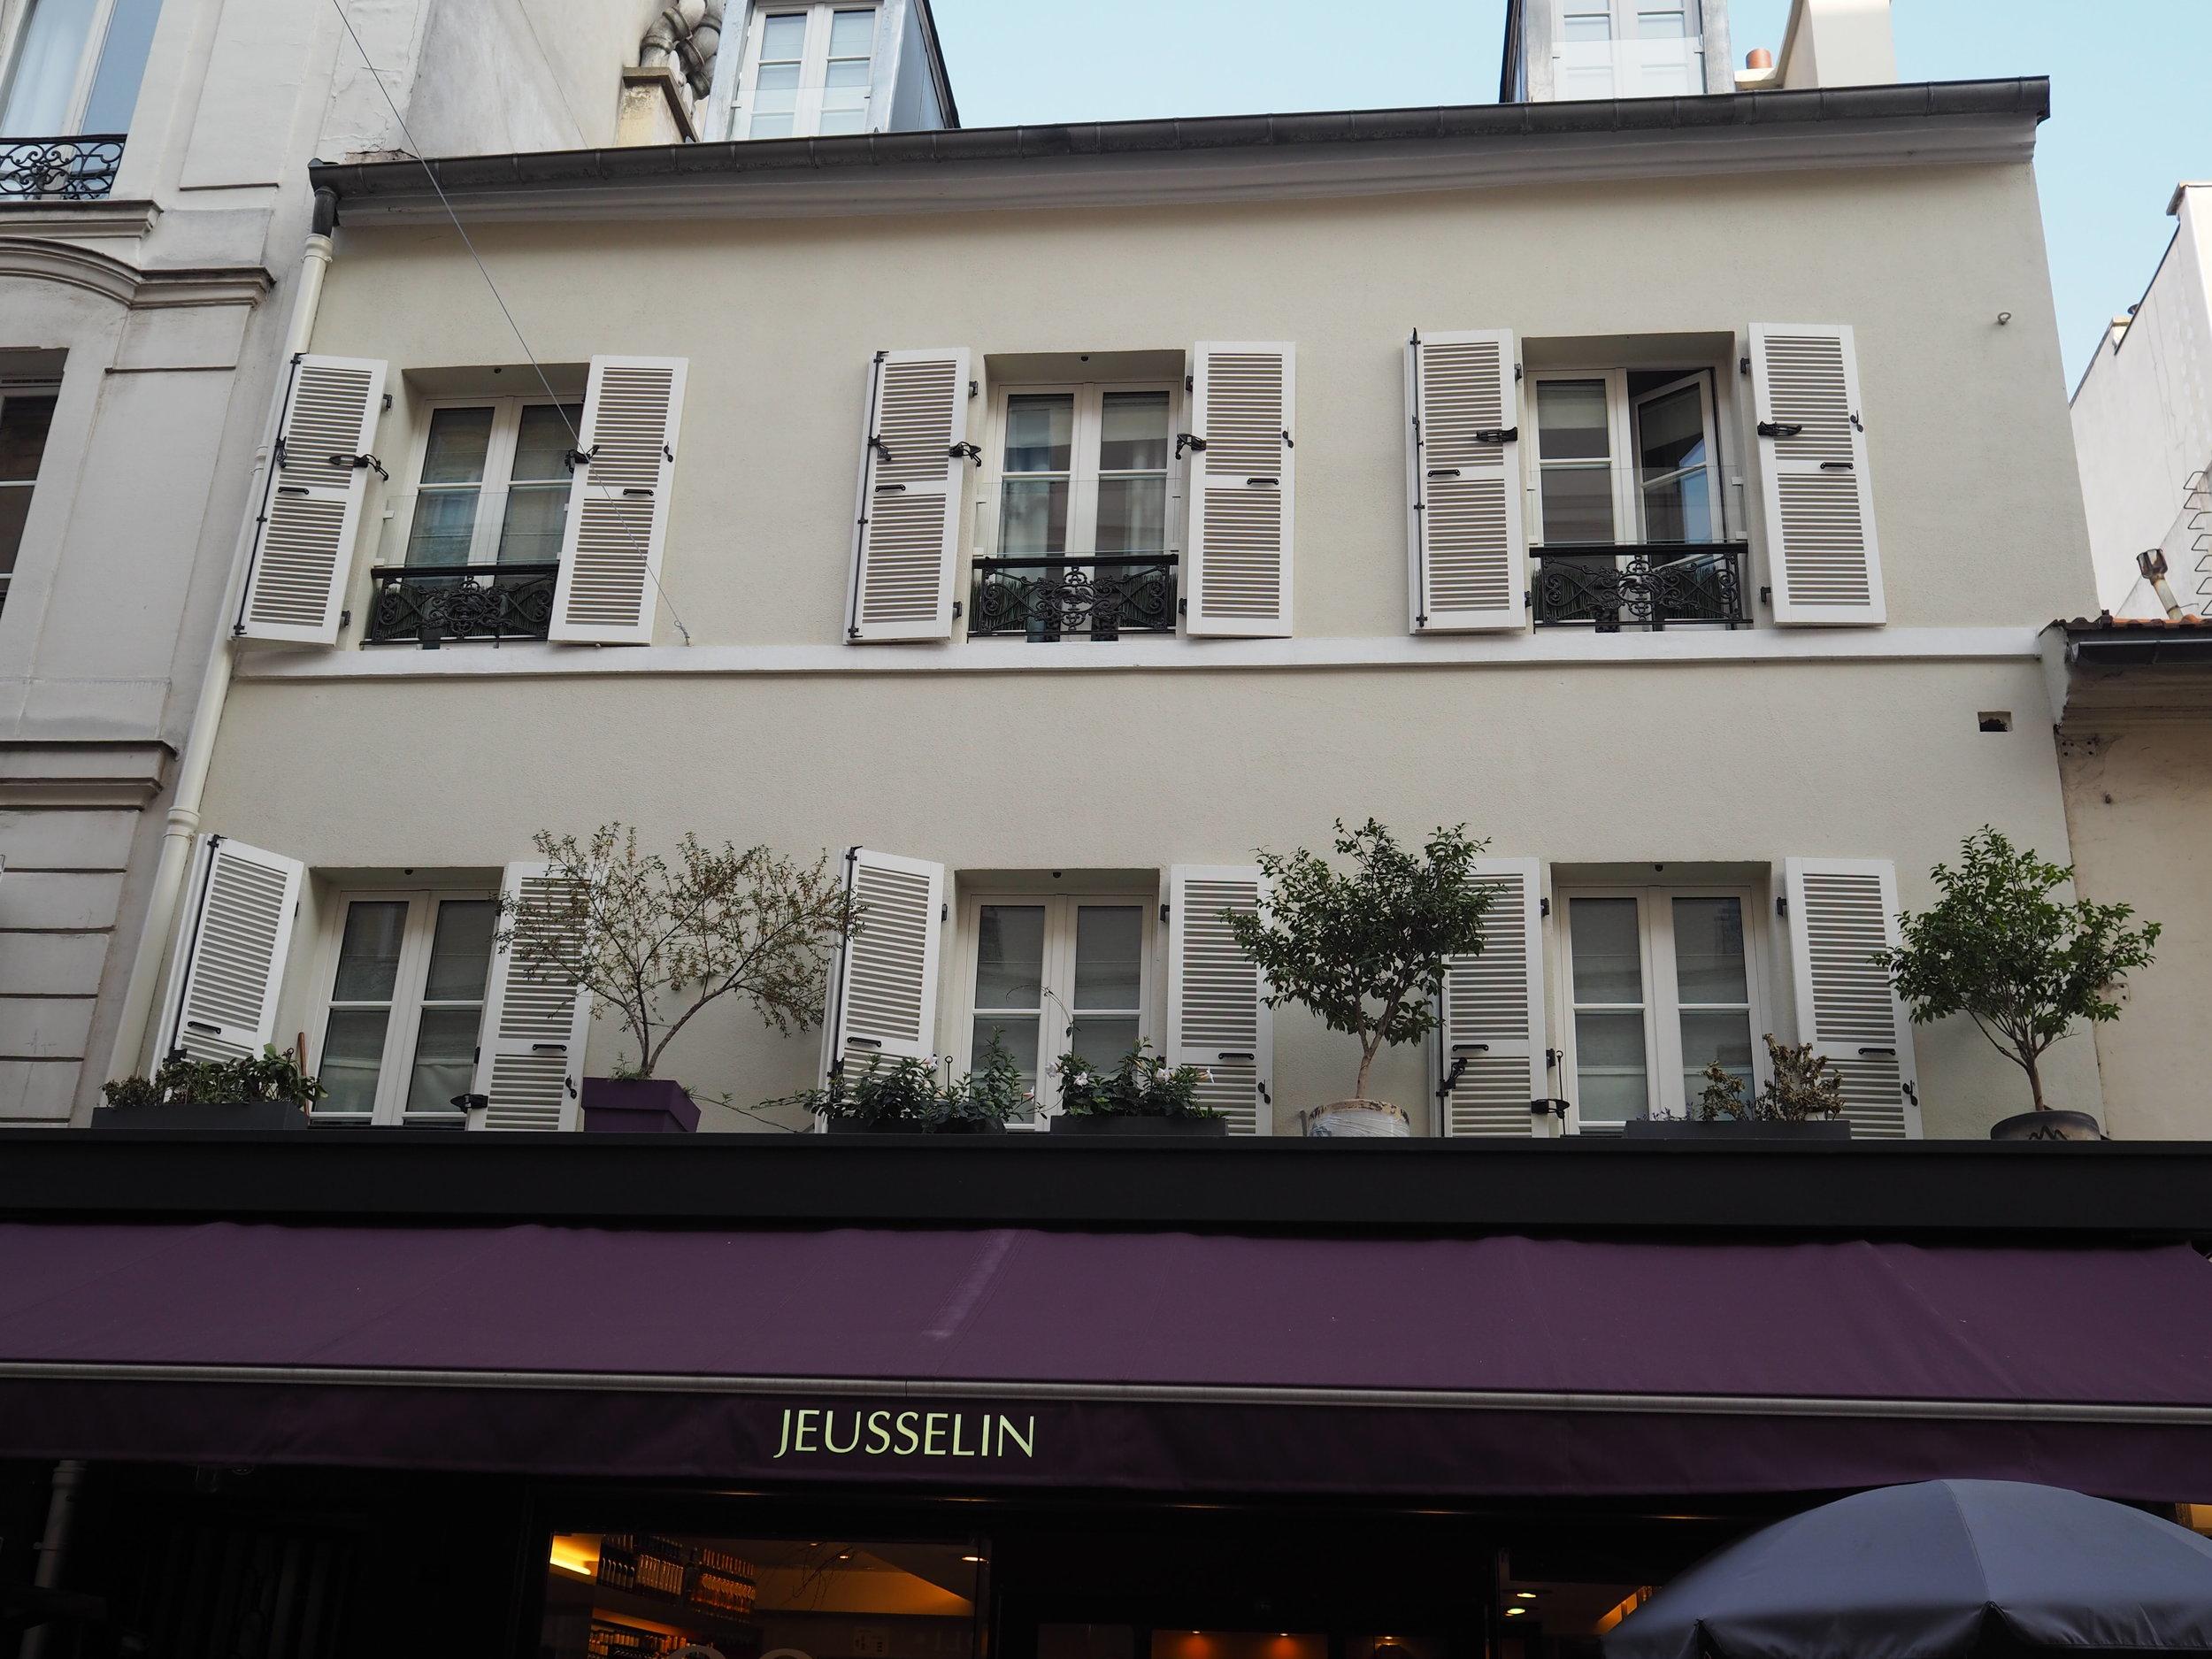 rue cler's oldest building.